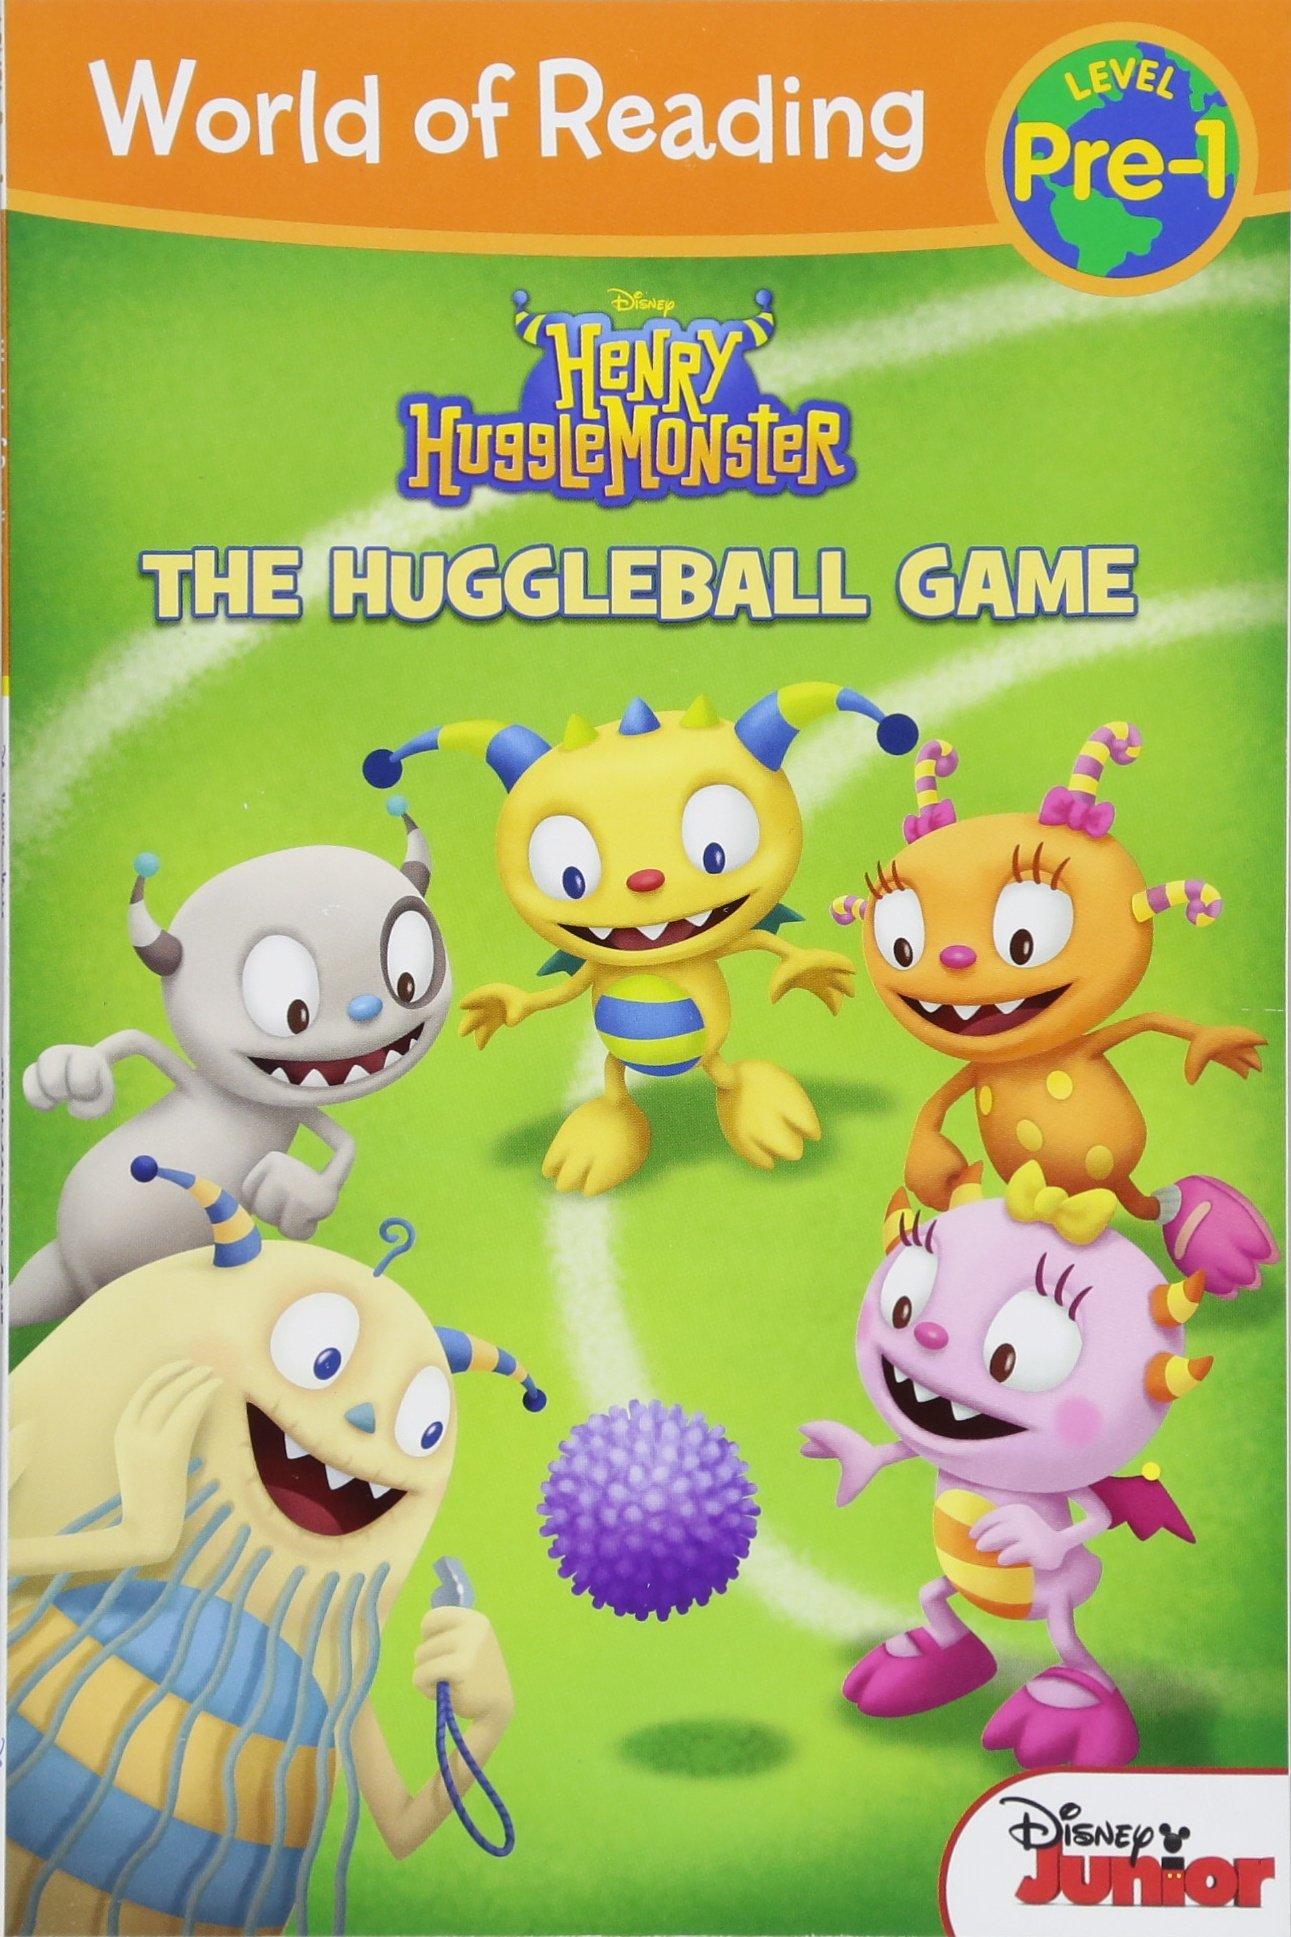 World of Reading: Henry Hugglemonster The Huggleball Game: Level Pre-1 ebook